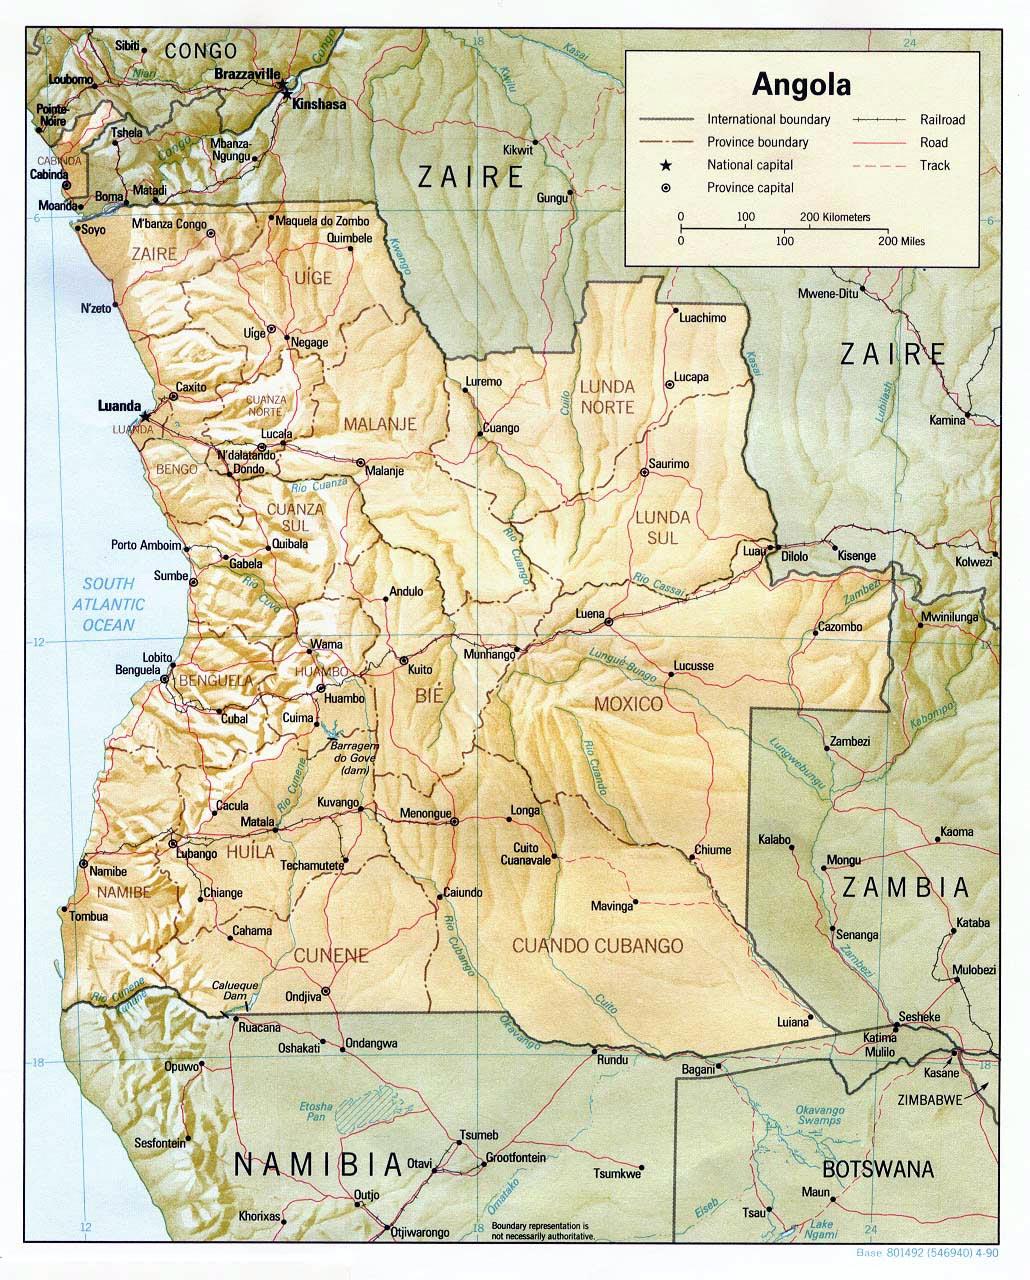 Angola Maps Printable Maps of Angola for Download